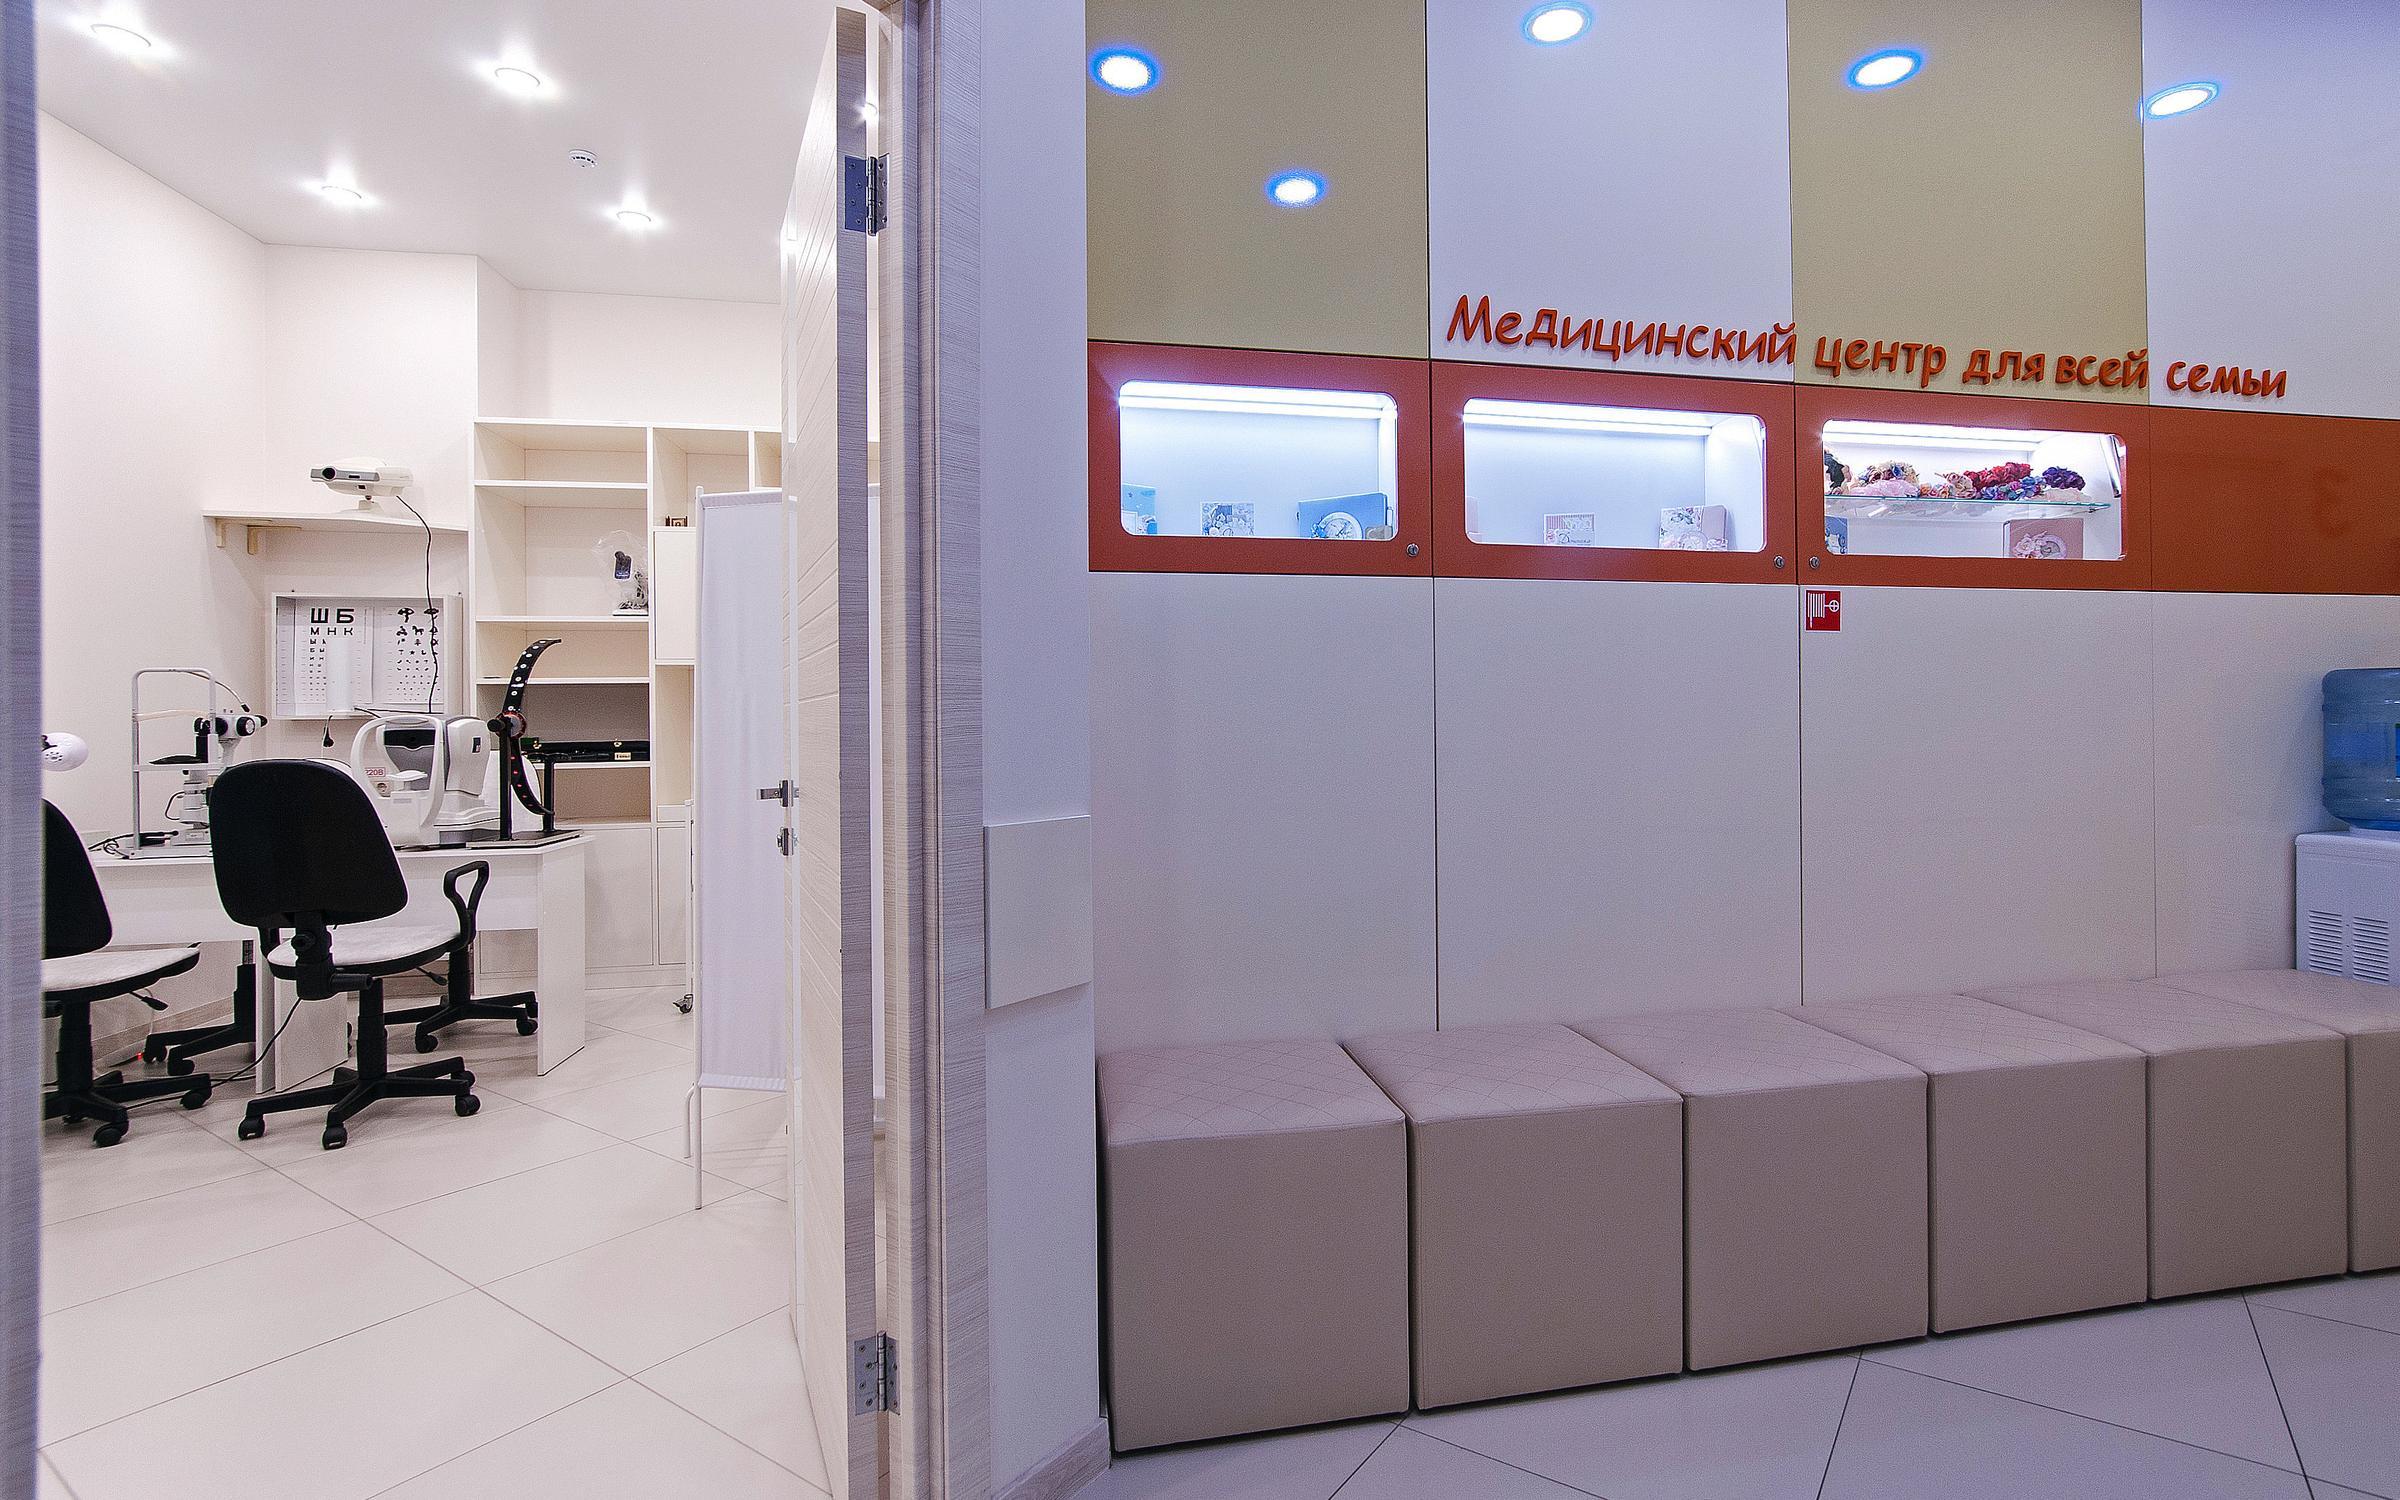 фотография Медицинского центра АМ-Клиника на улице Борисовка в Мытищах